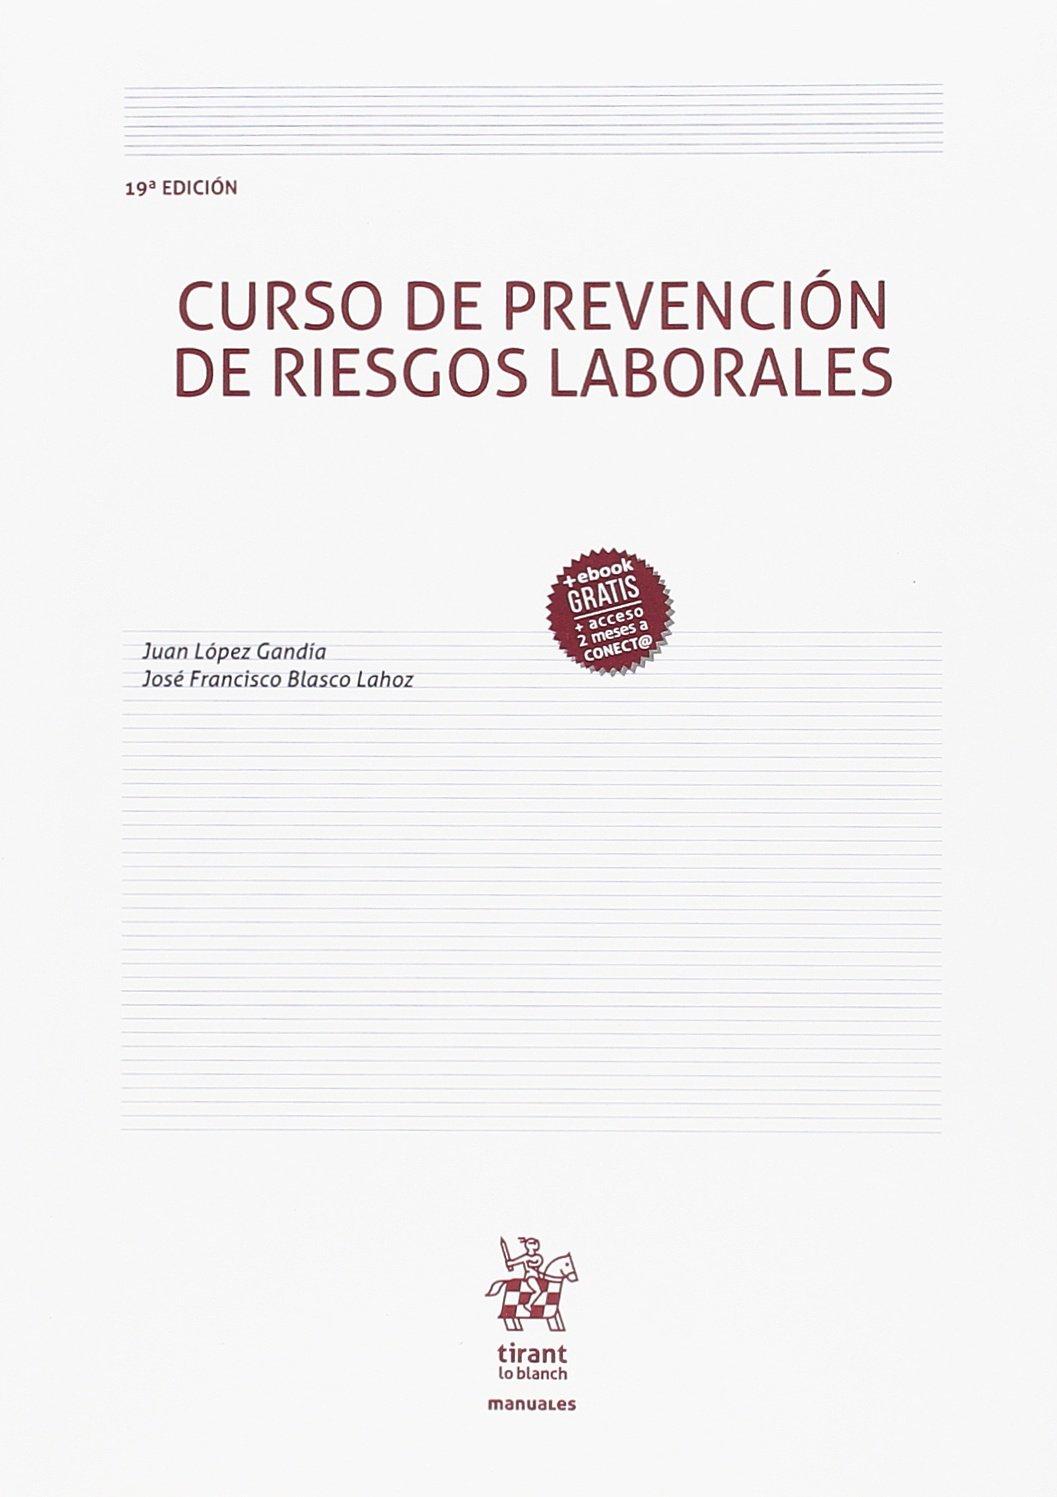 Amazon.com: Curso de prevención de riesgos laborales ...